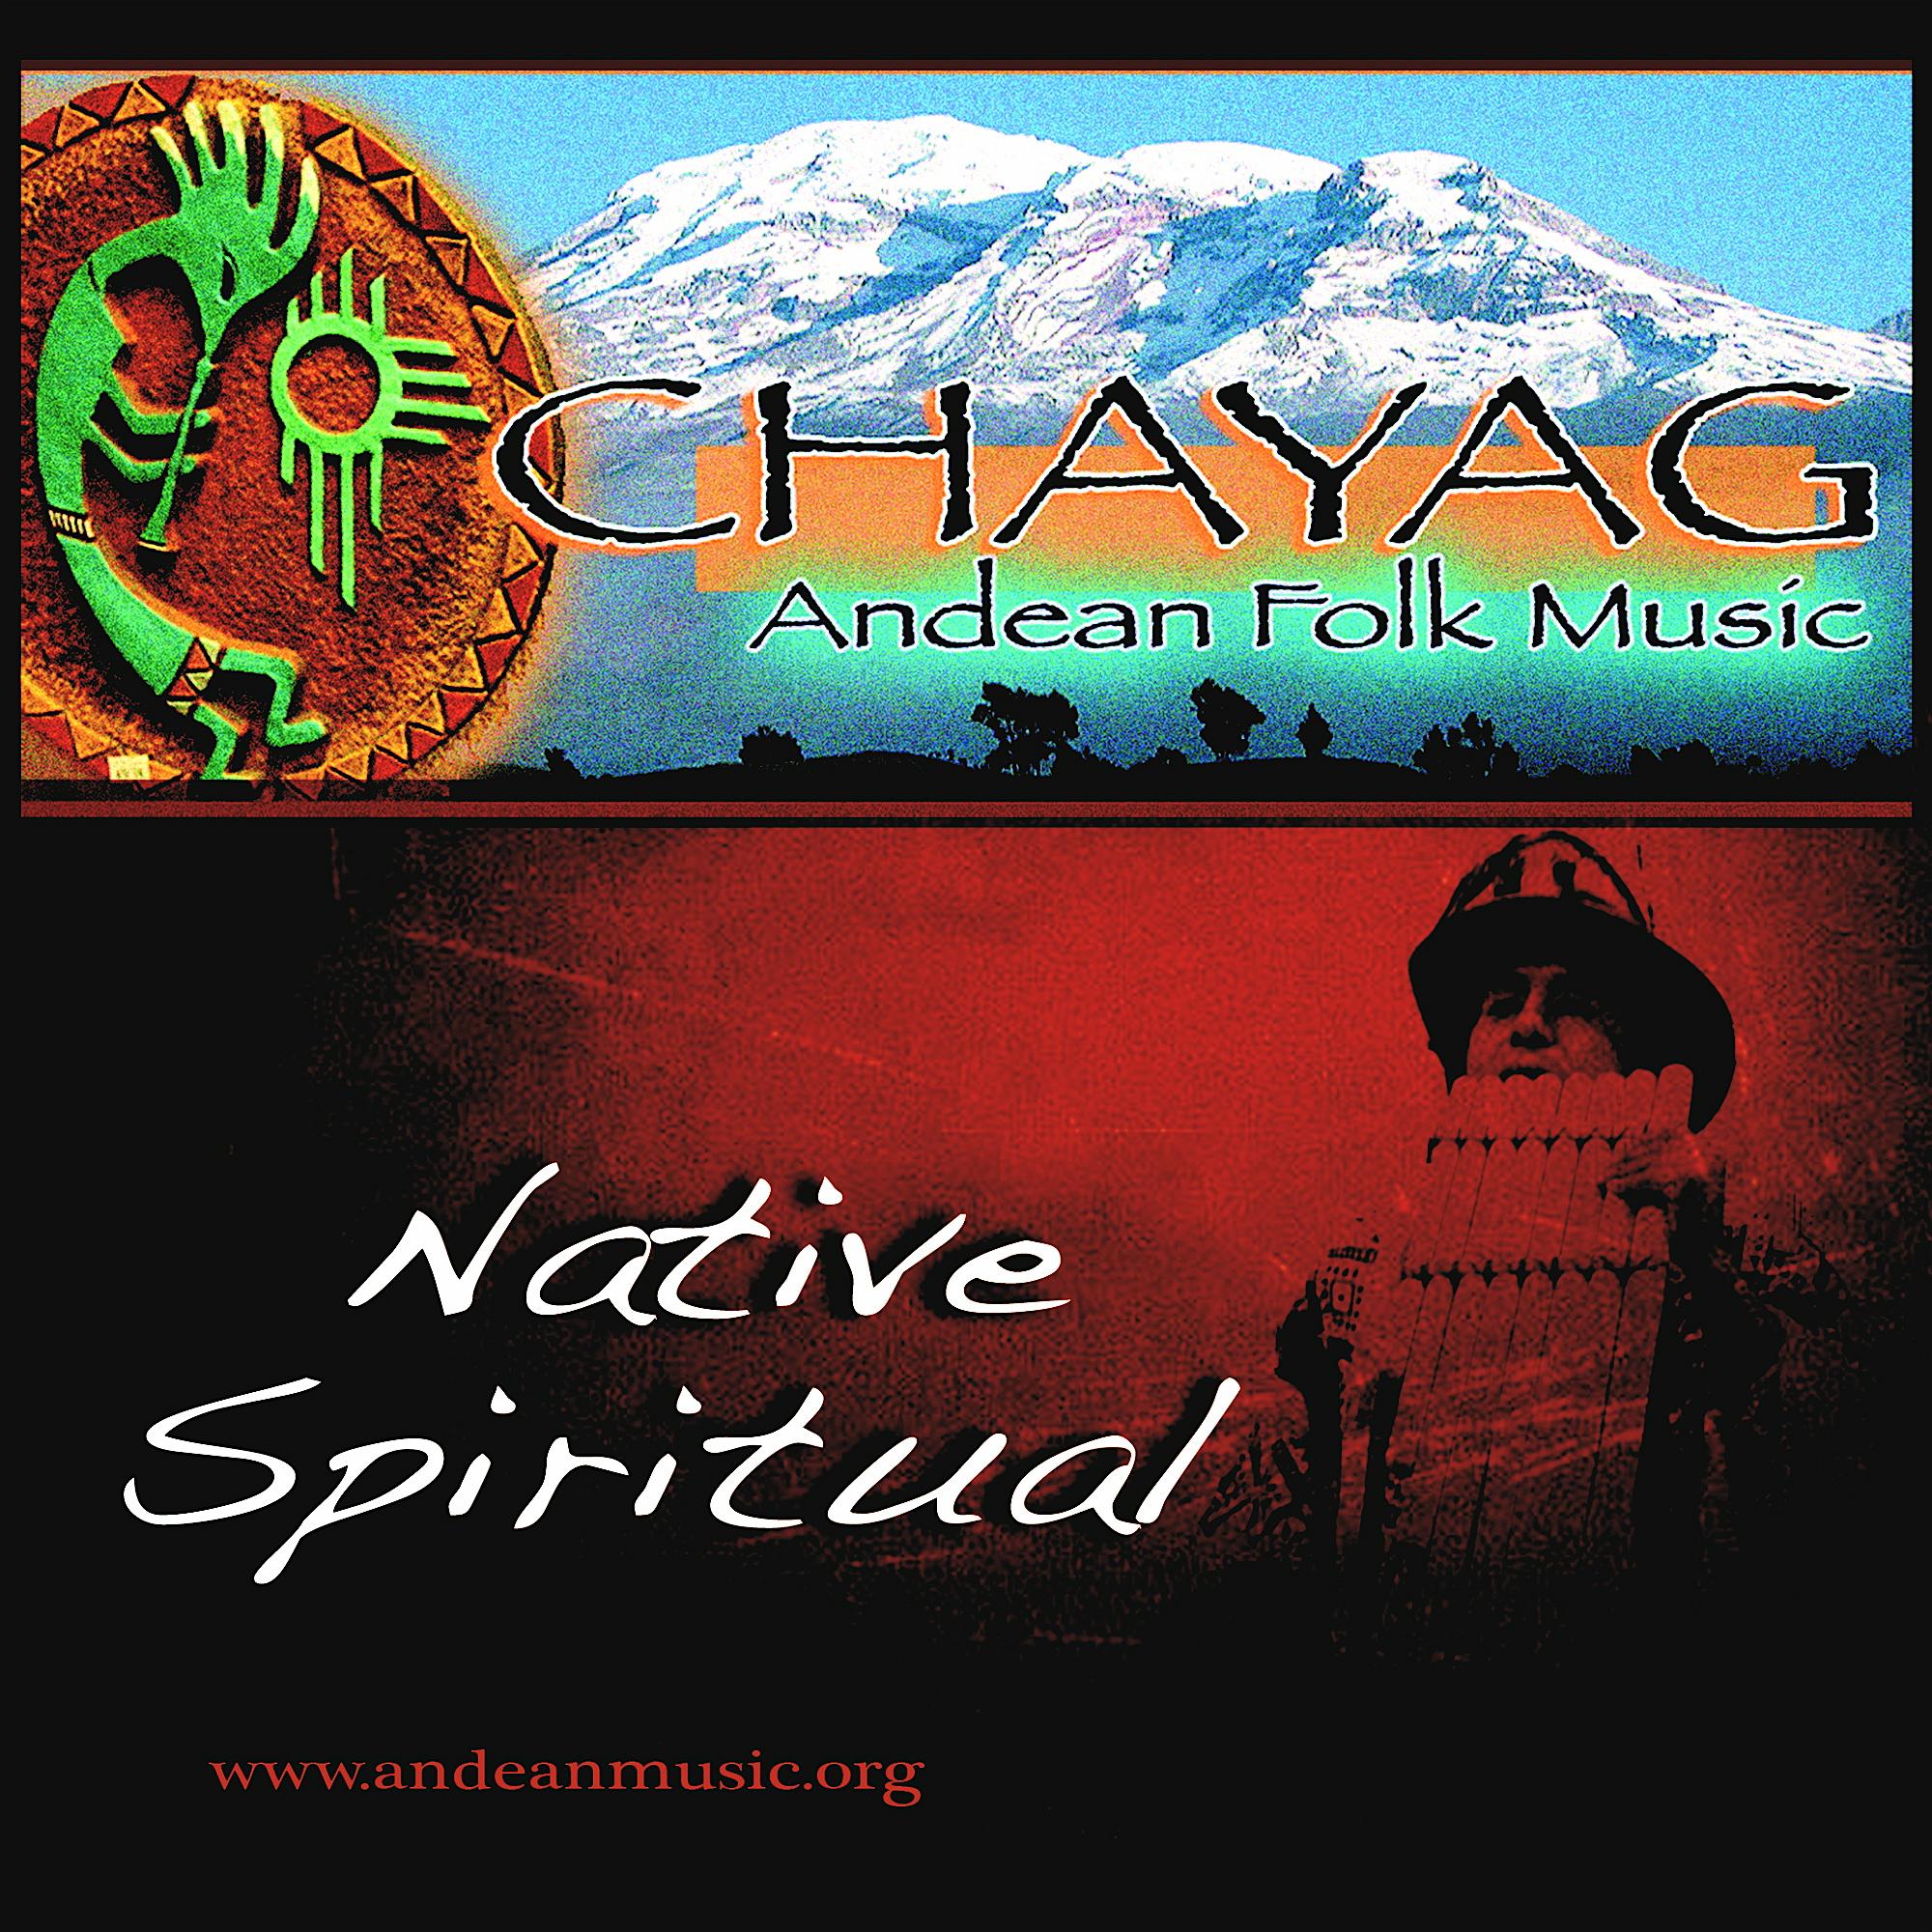 Andean Spiritual Music